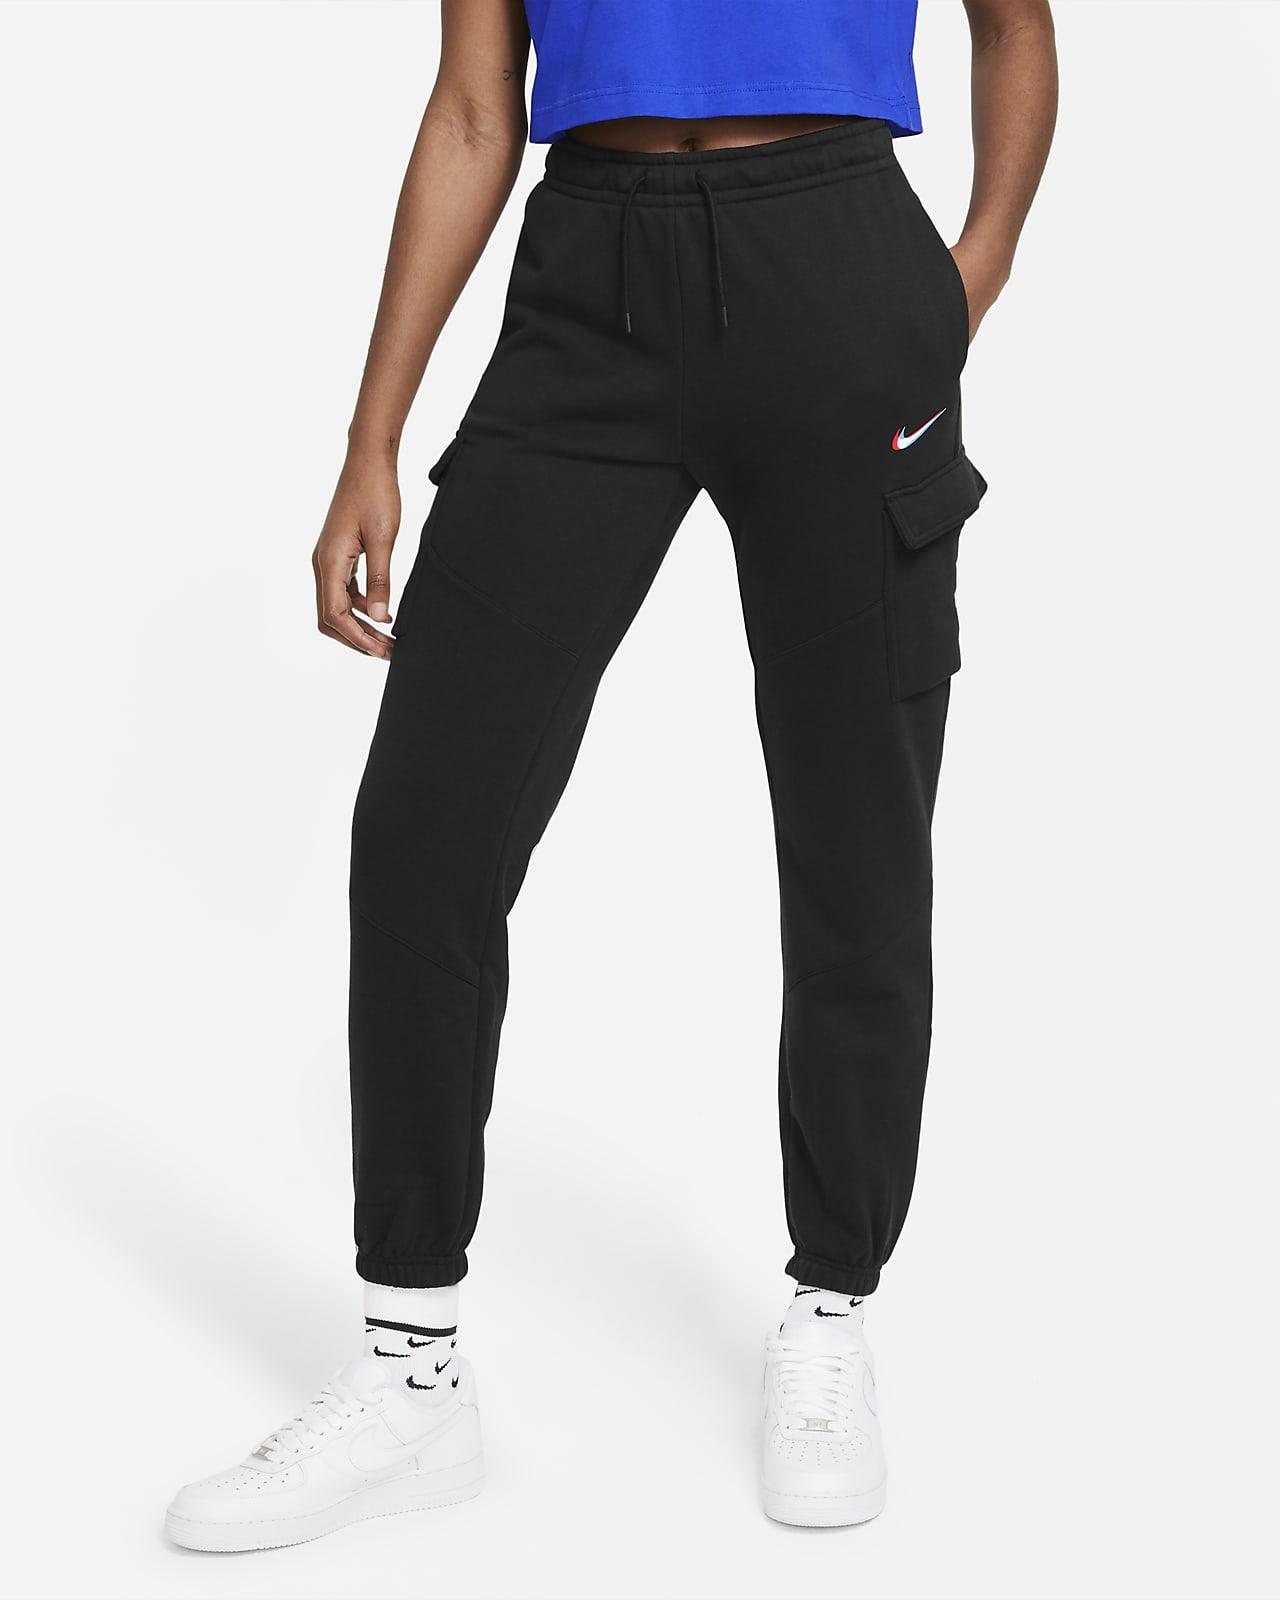 Pantaloni cargo da ballo Nike Sportswear - Donna